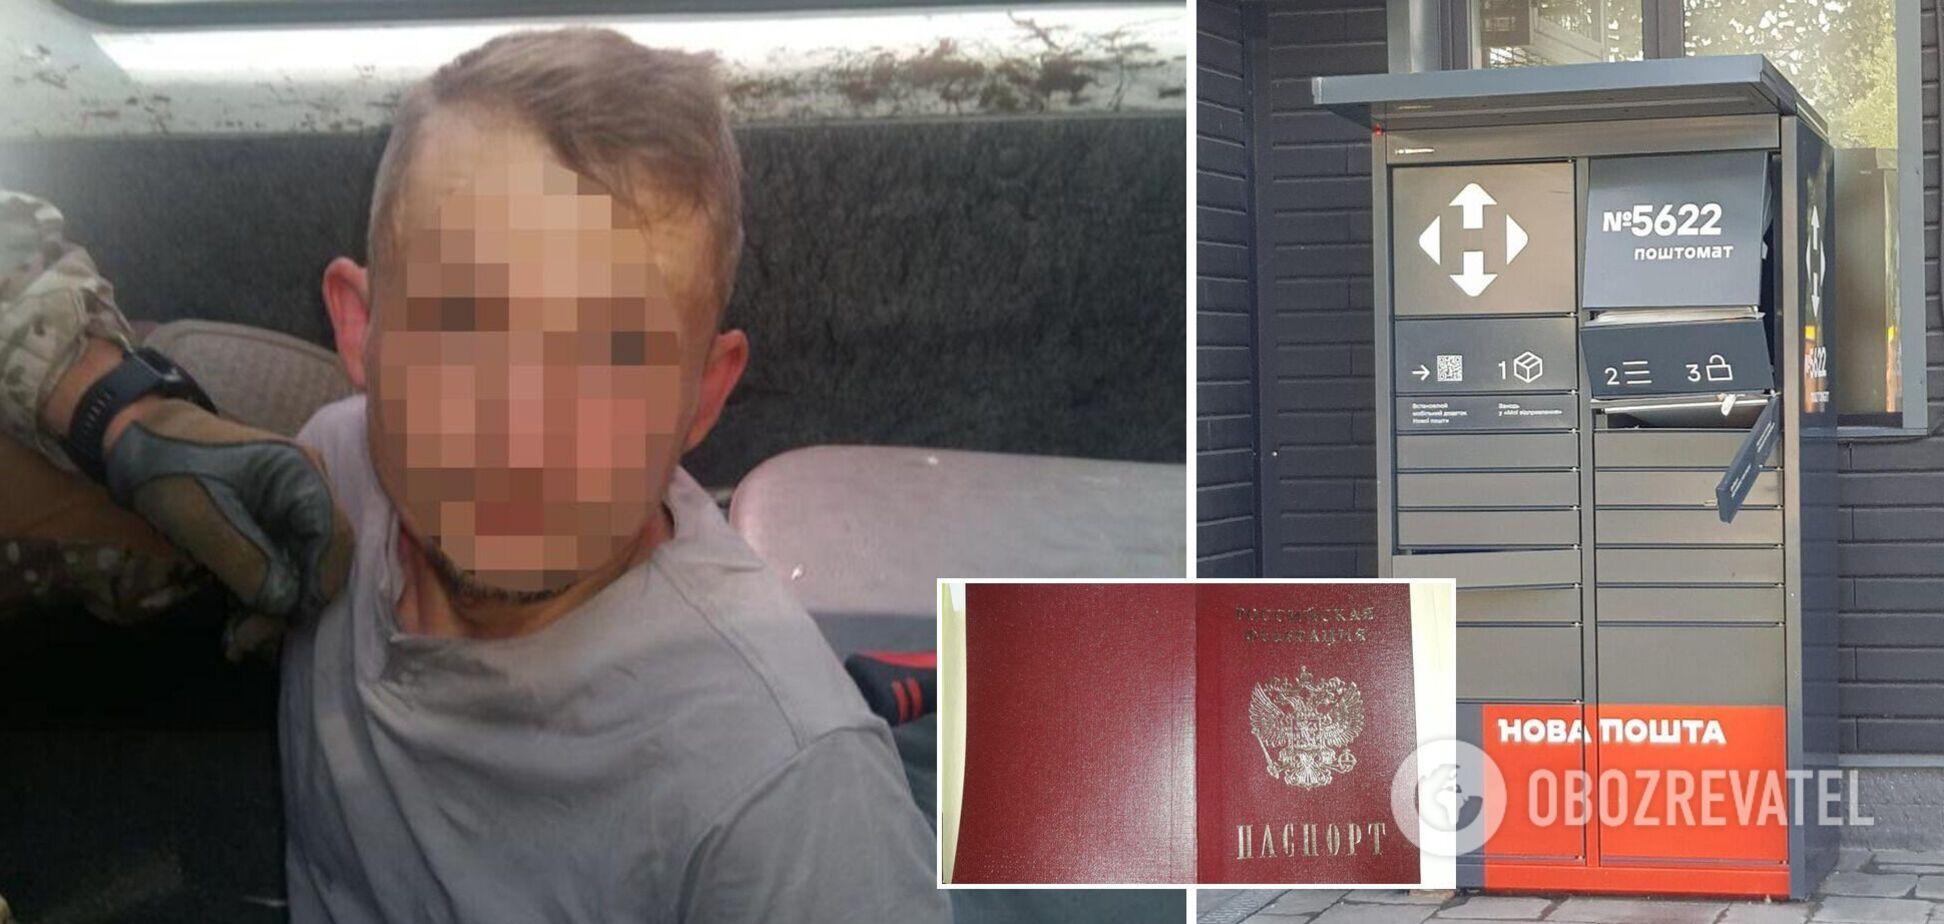 Затримано чоловіка, який влаштував вибухи в Києві та Одесі: у нього знайшли паспорт РФ. Ексклюзивні подробиці